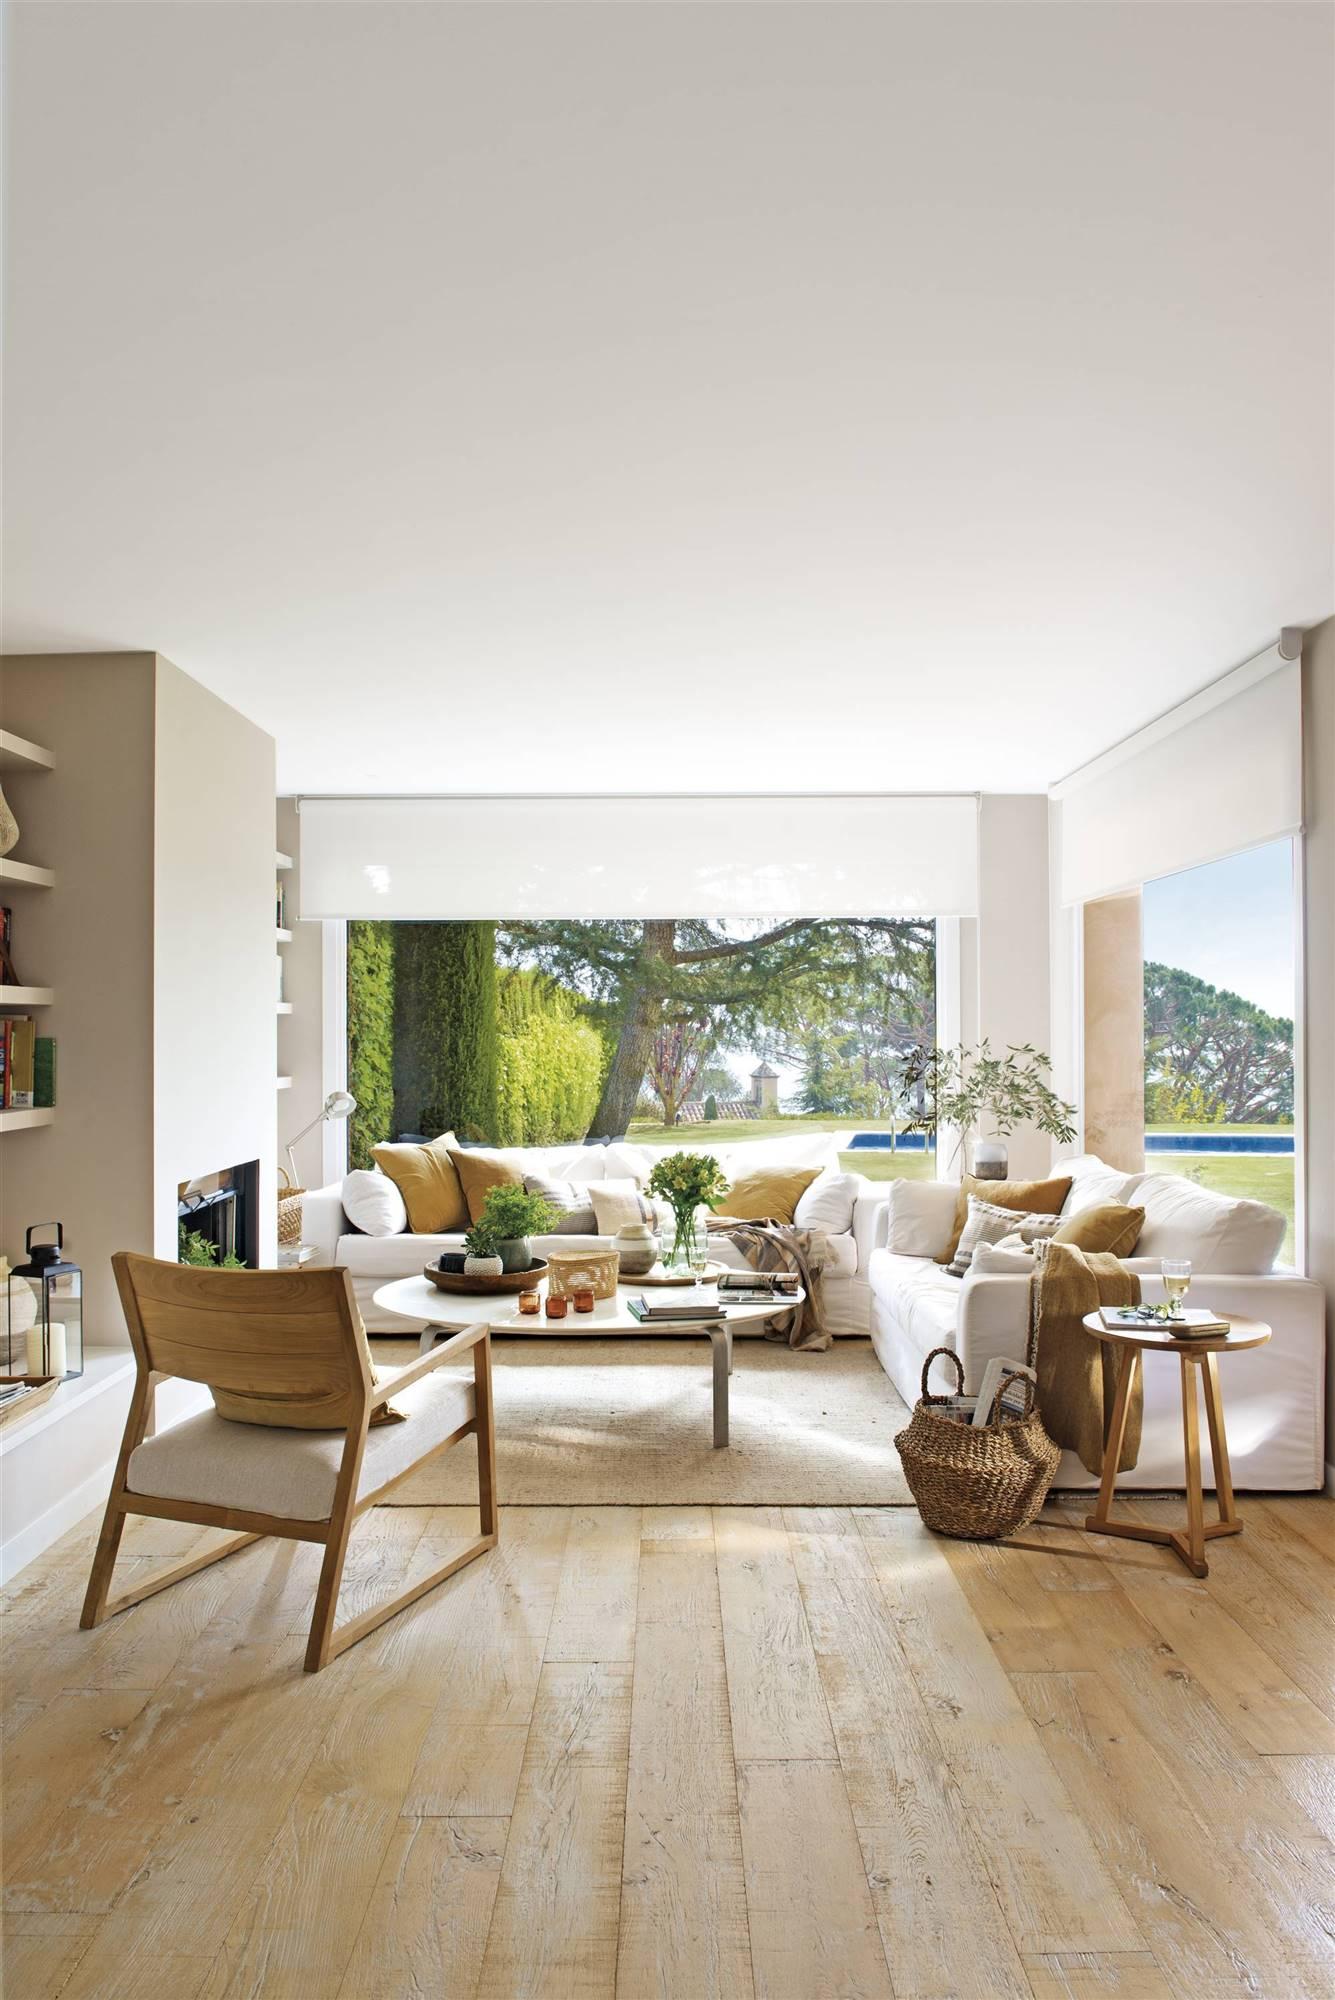 DSC6442B.  The living room